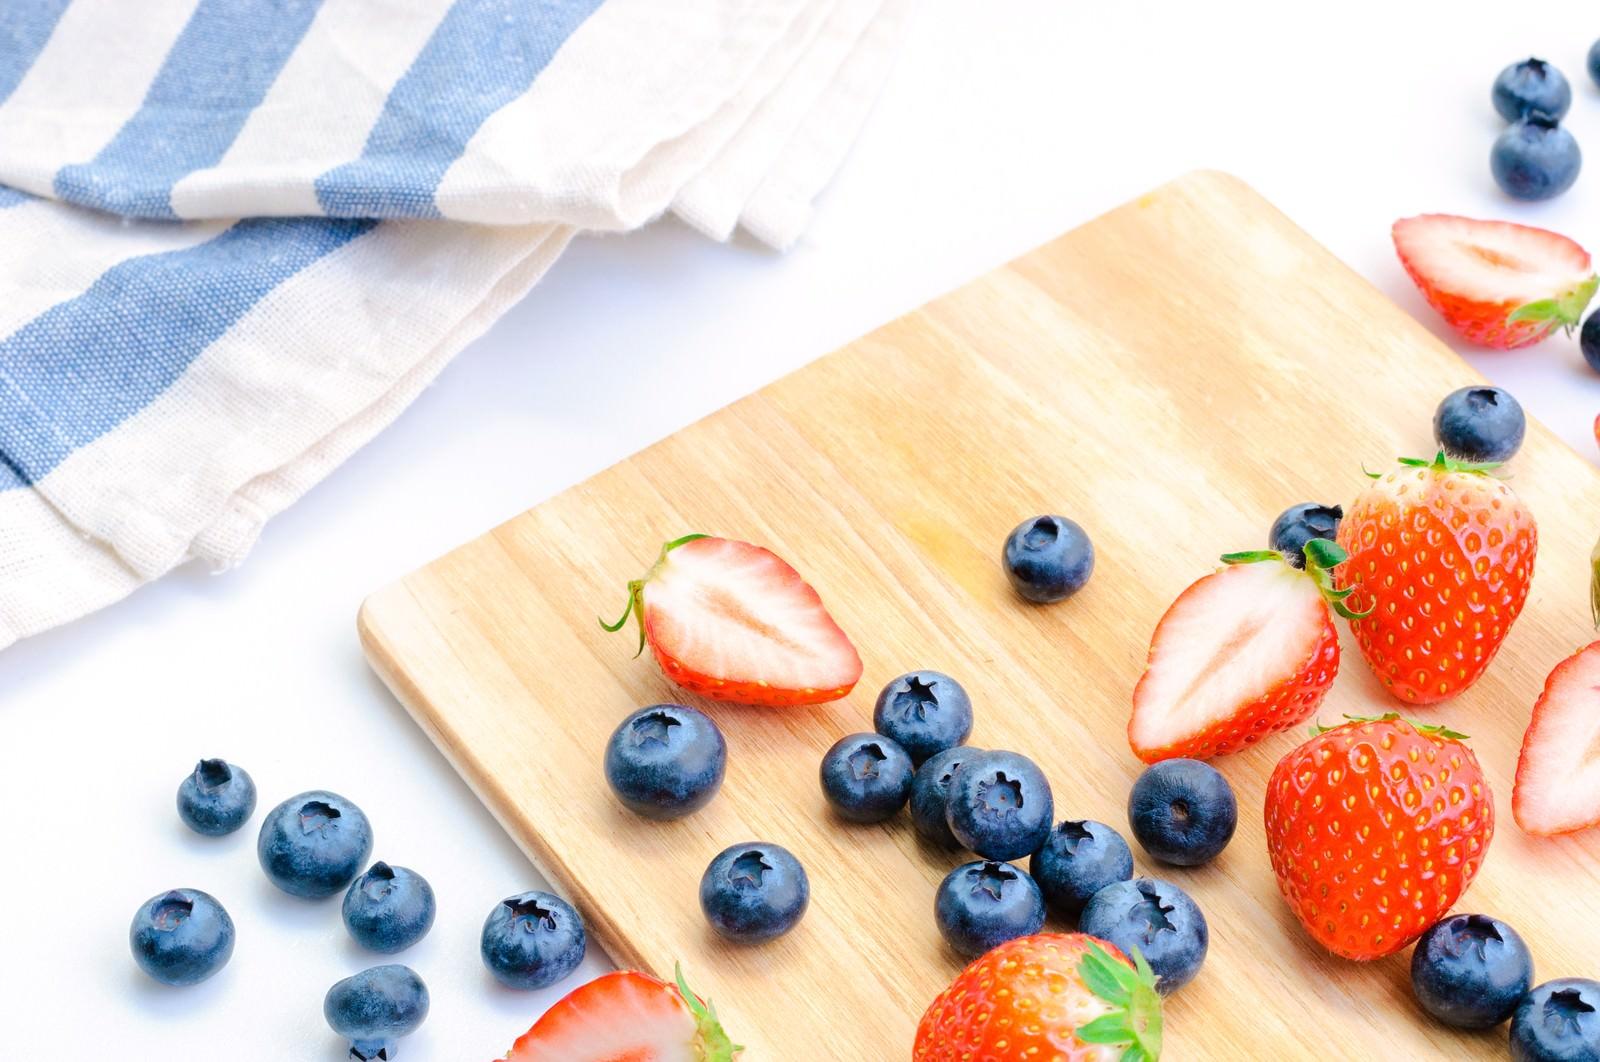 「甘いイチゴとブルーベリー」の写真